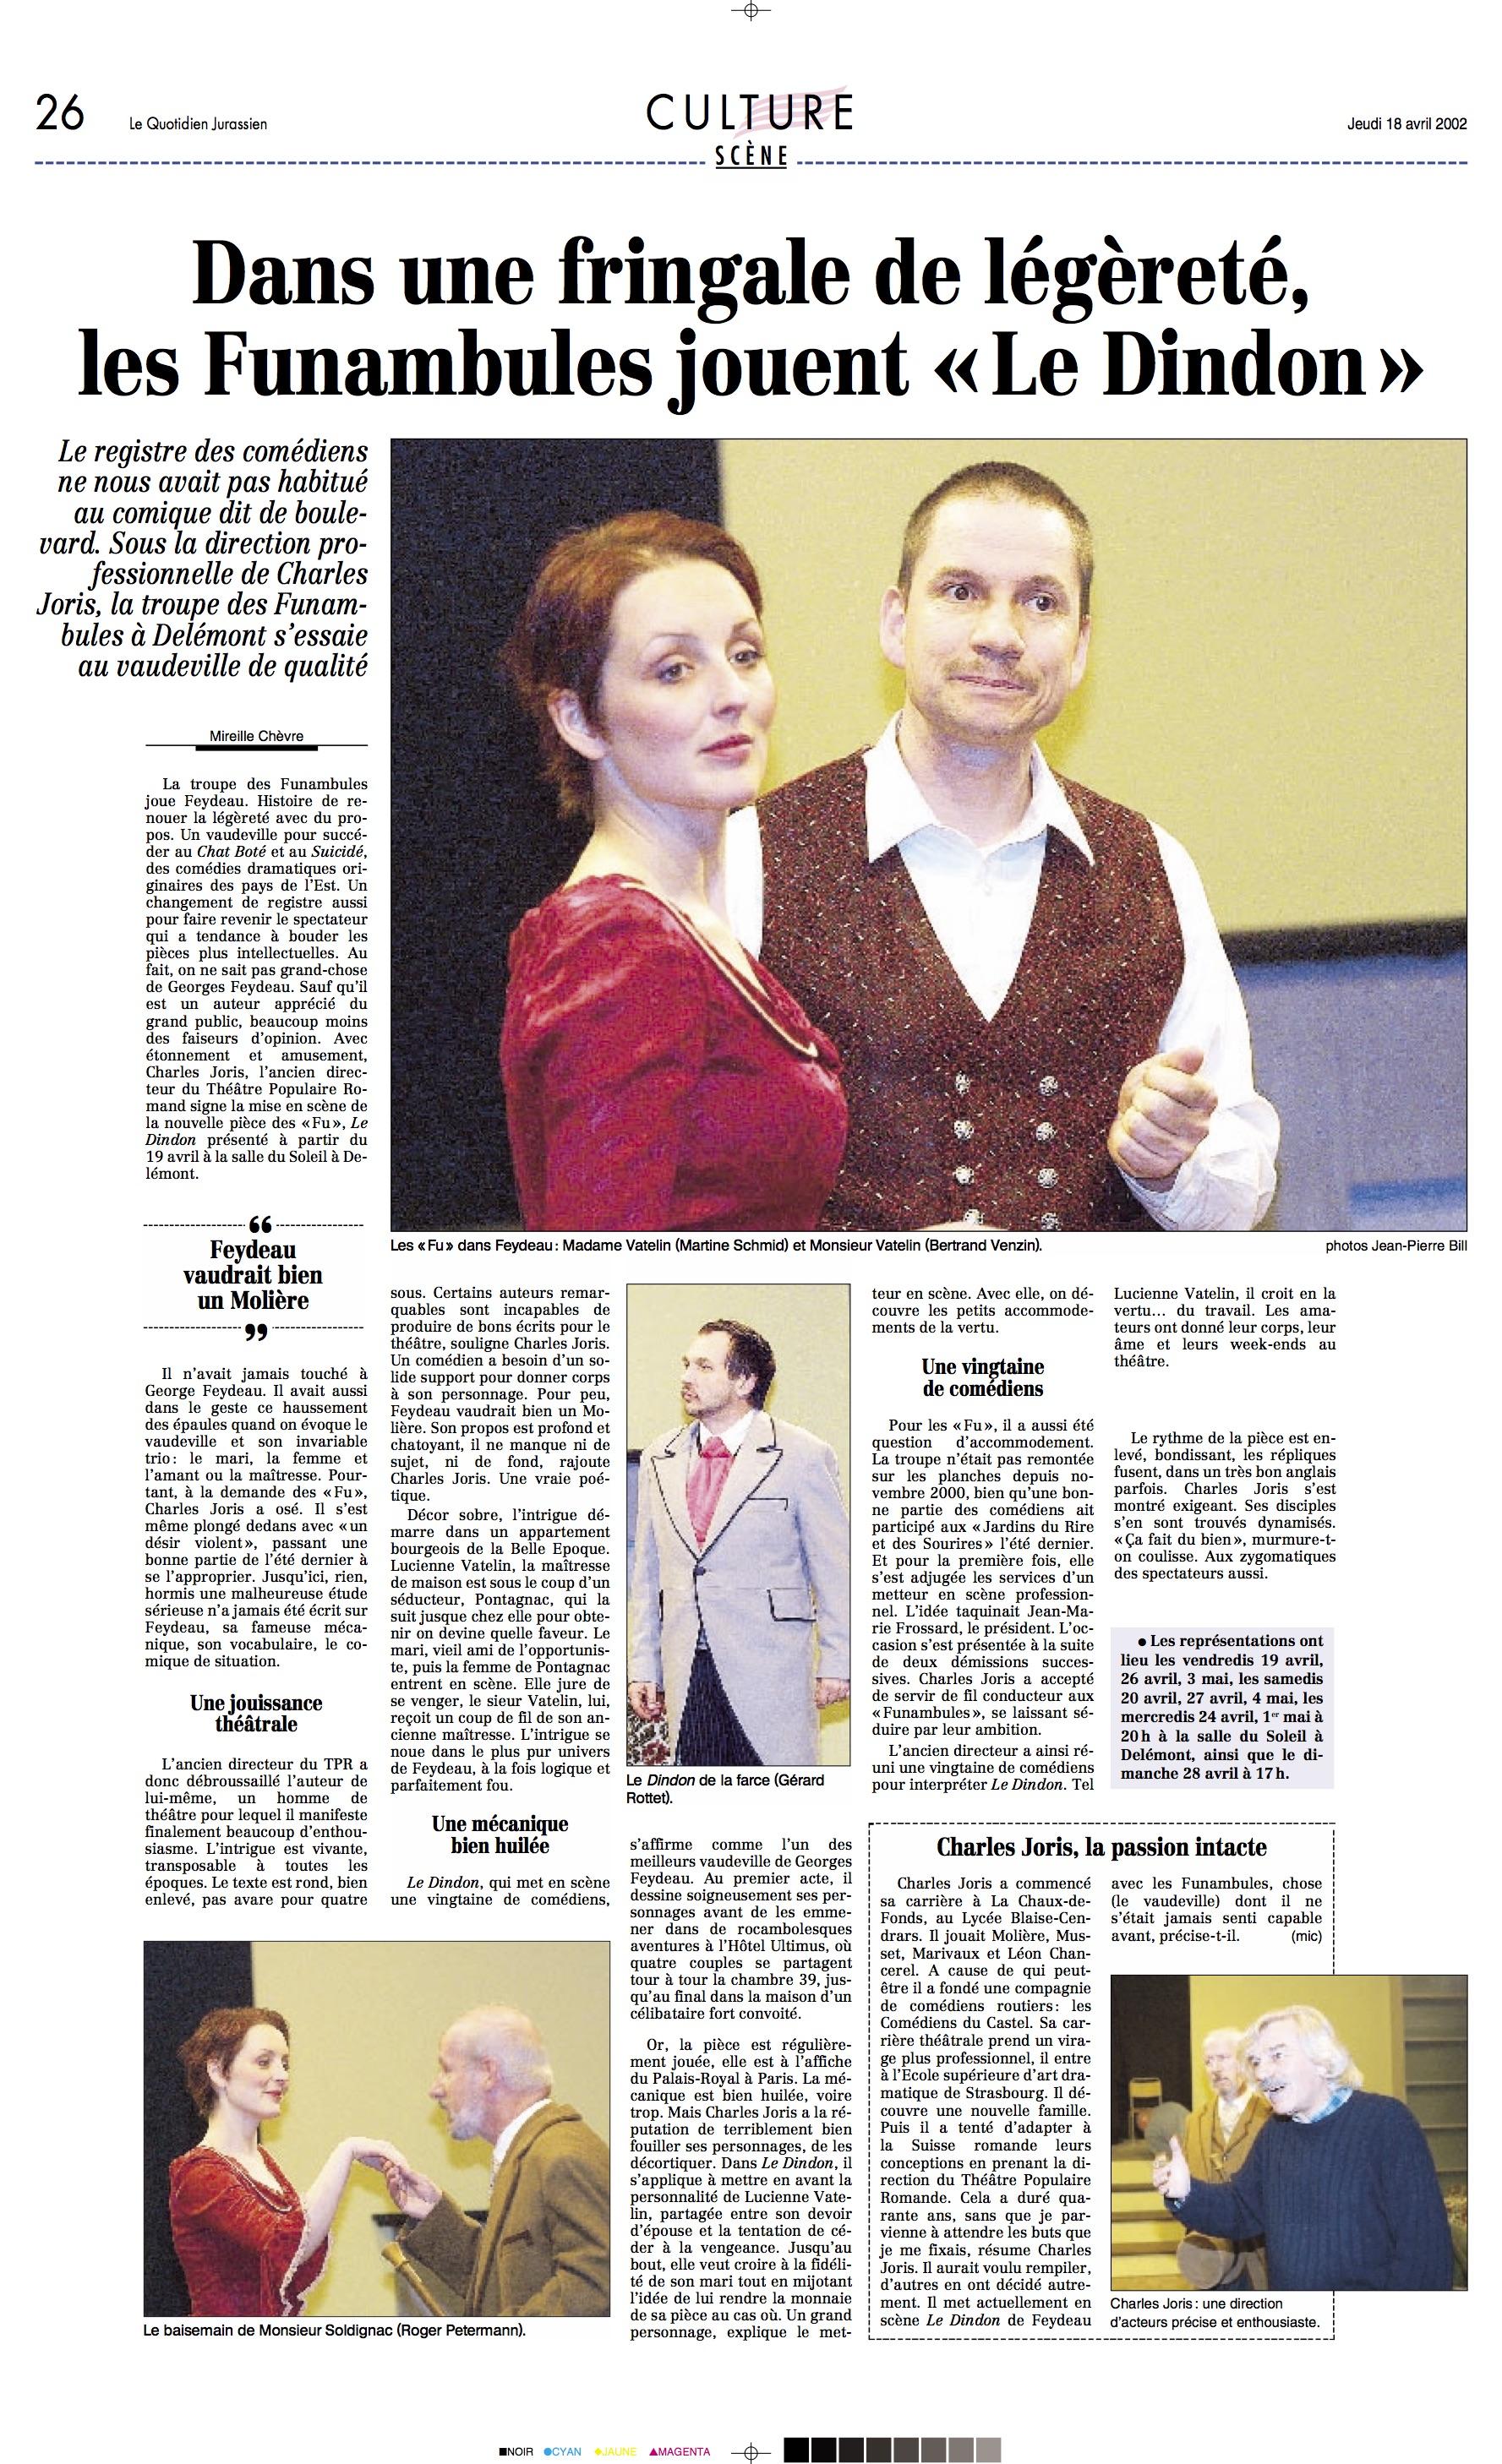 2002 Le Dindon (Feydeau) -  © Cet article est reproduit avec l'autorisation des Editions D+P SA, société éditrice du Quotidien Jurassien - LQJ 18.04.2002